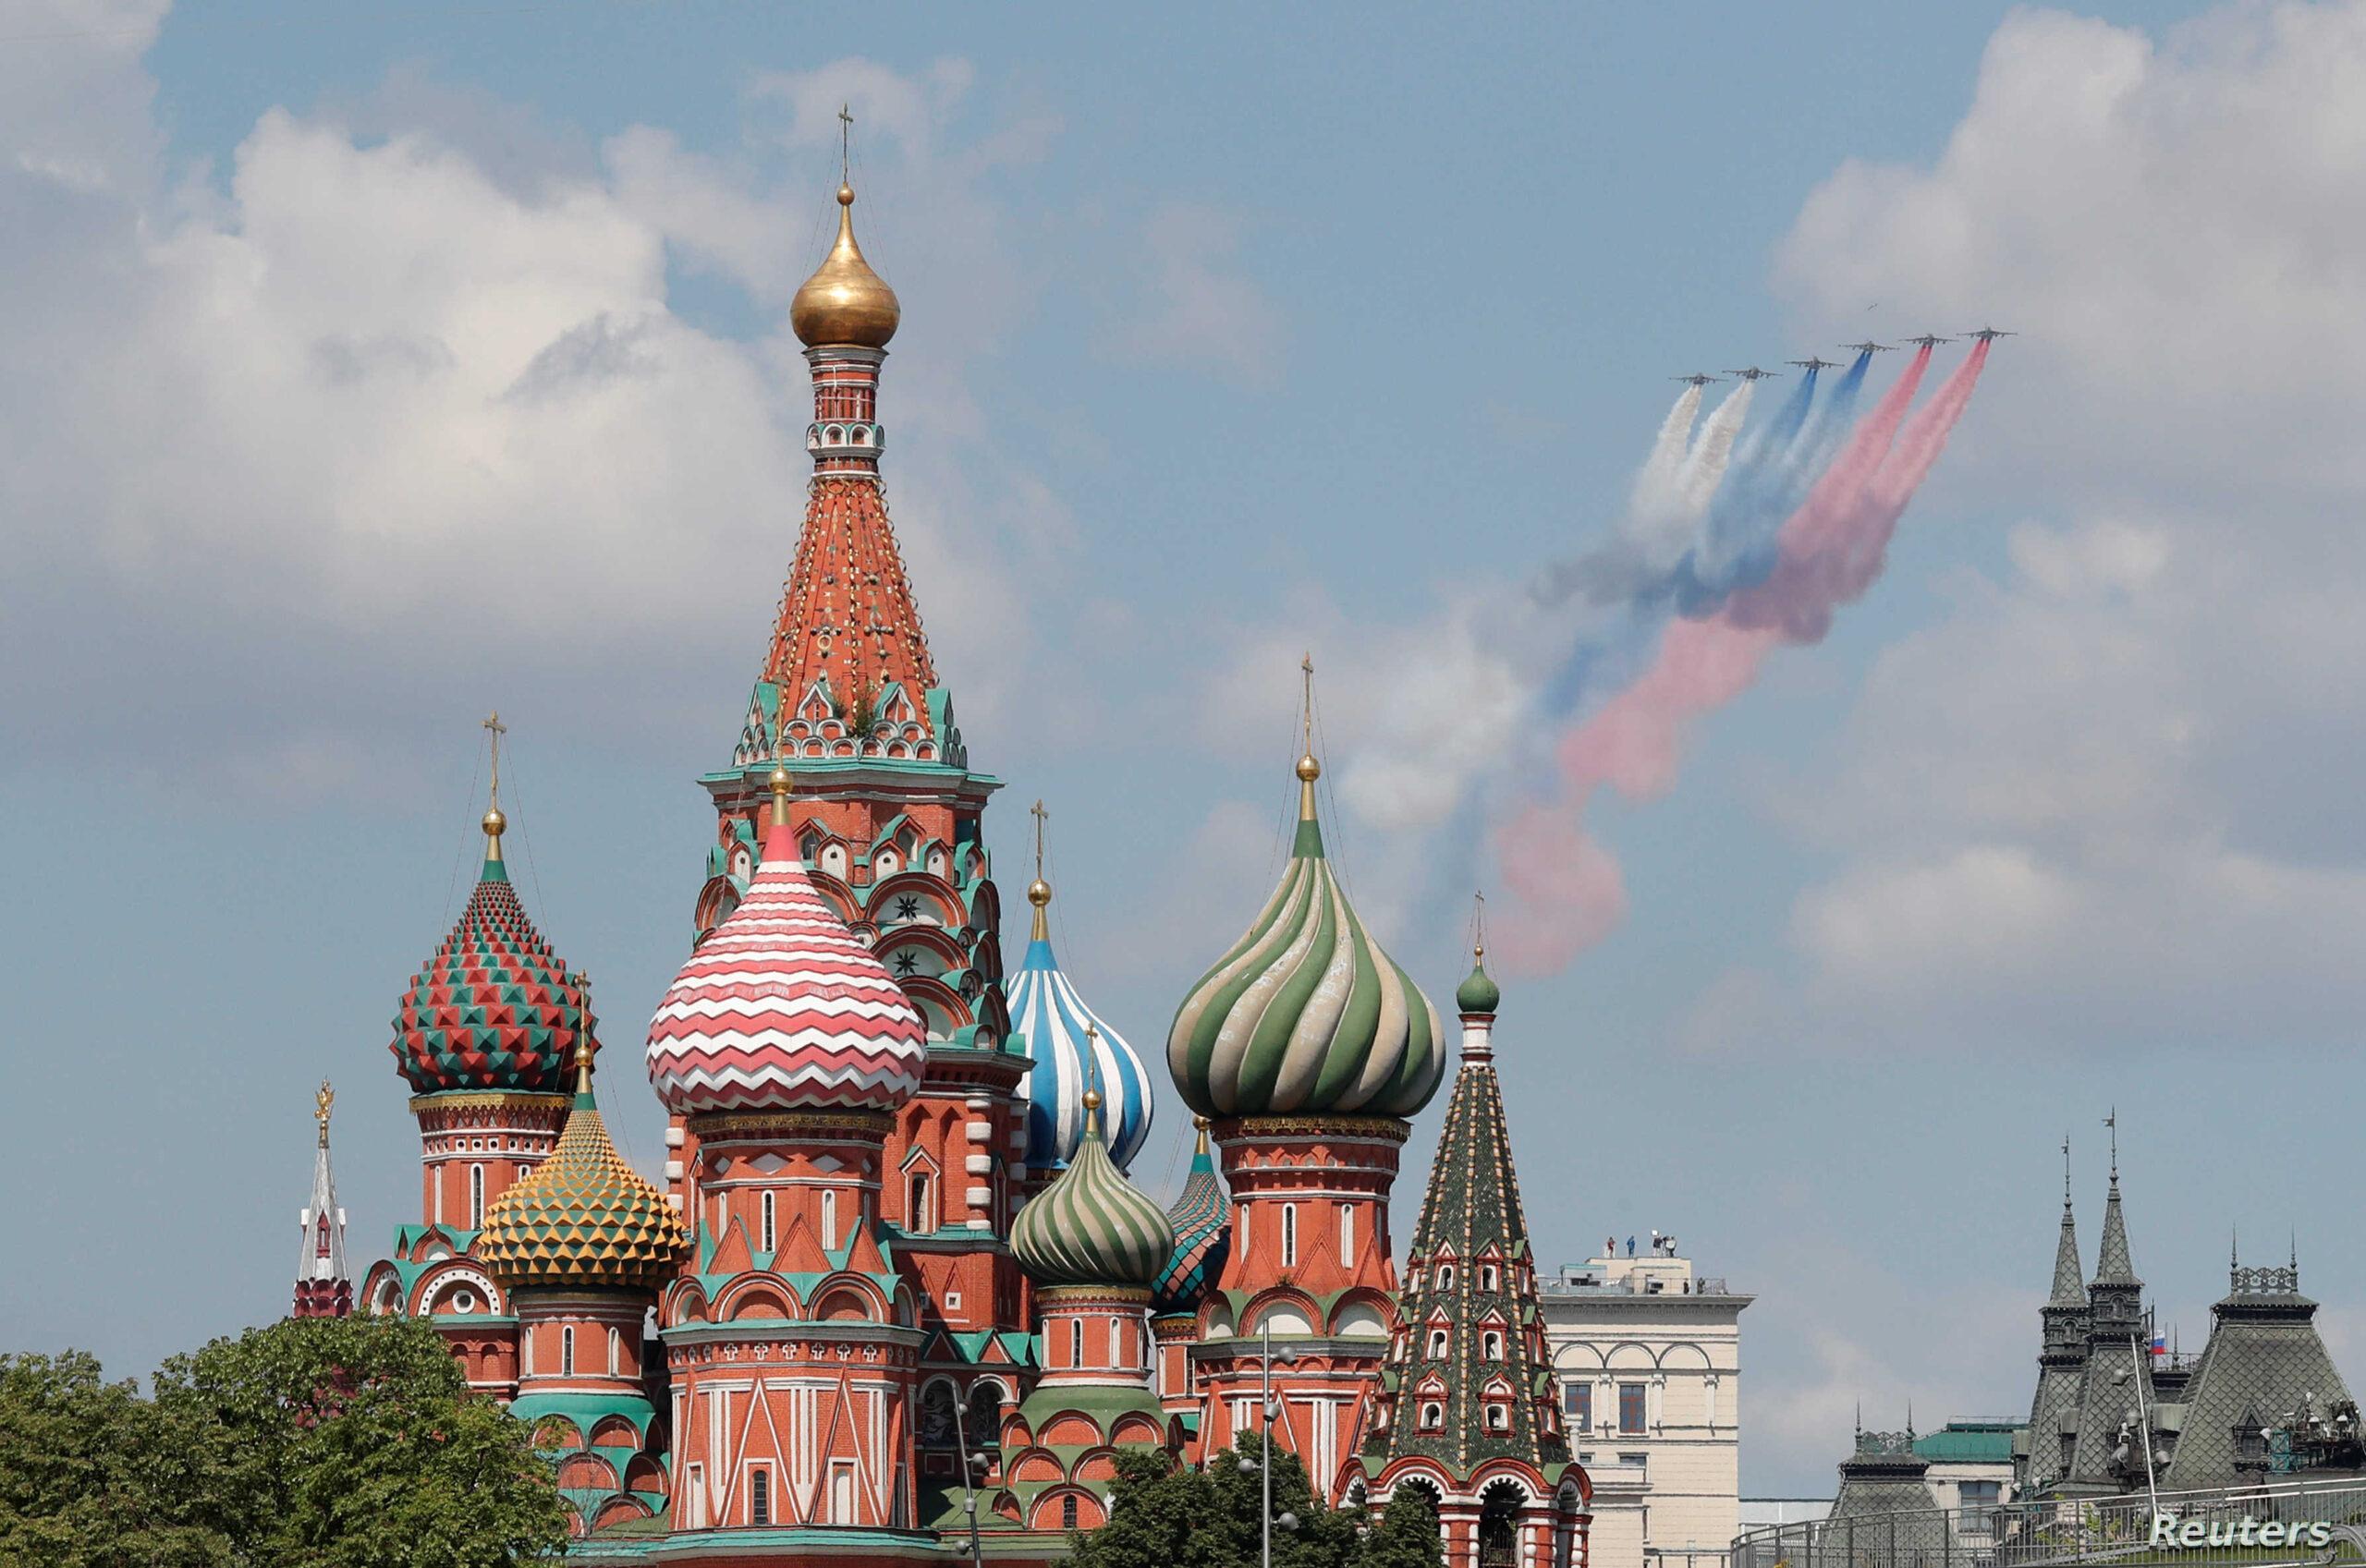 إغلاق عدد من المناطق الجديدة في روسيا بعد الارتفاع القياسي للاصابات بكورونا